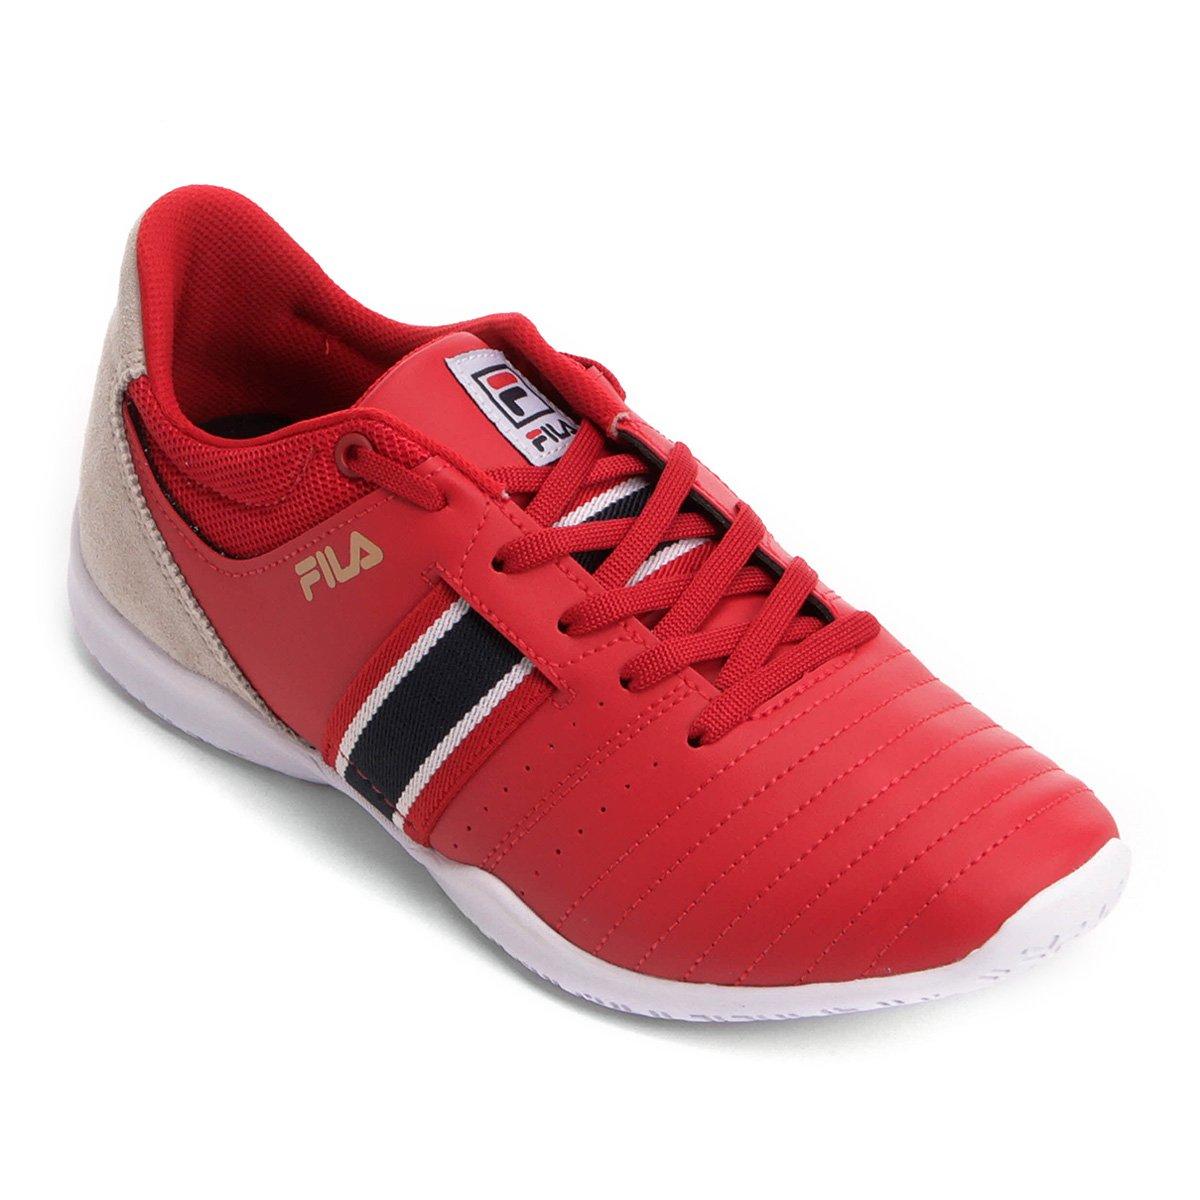 e9e4148e4f7 Chuteira Futsal Fila Top Munir - Vermelho - Compre Agora